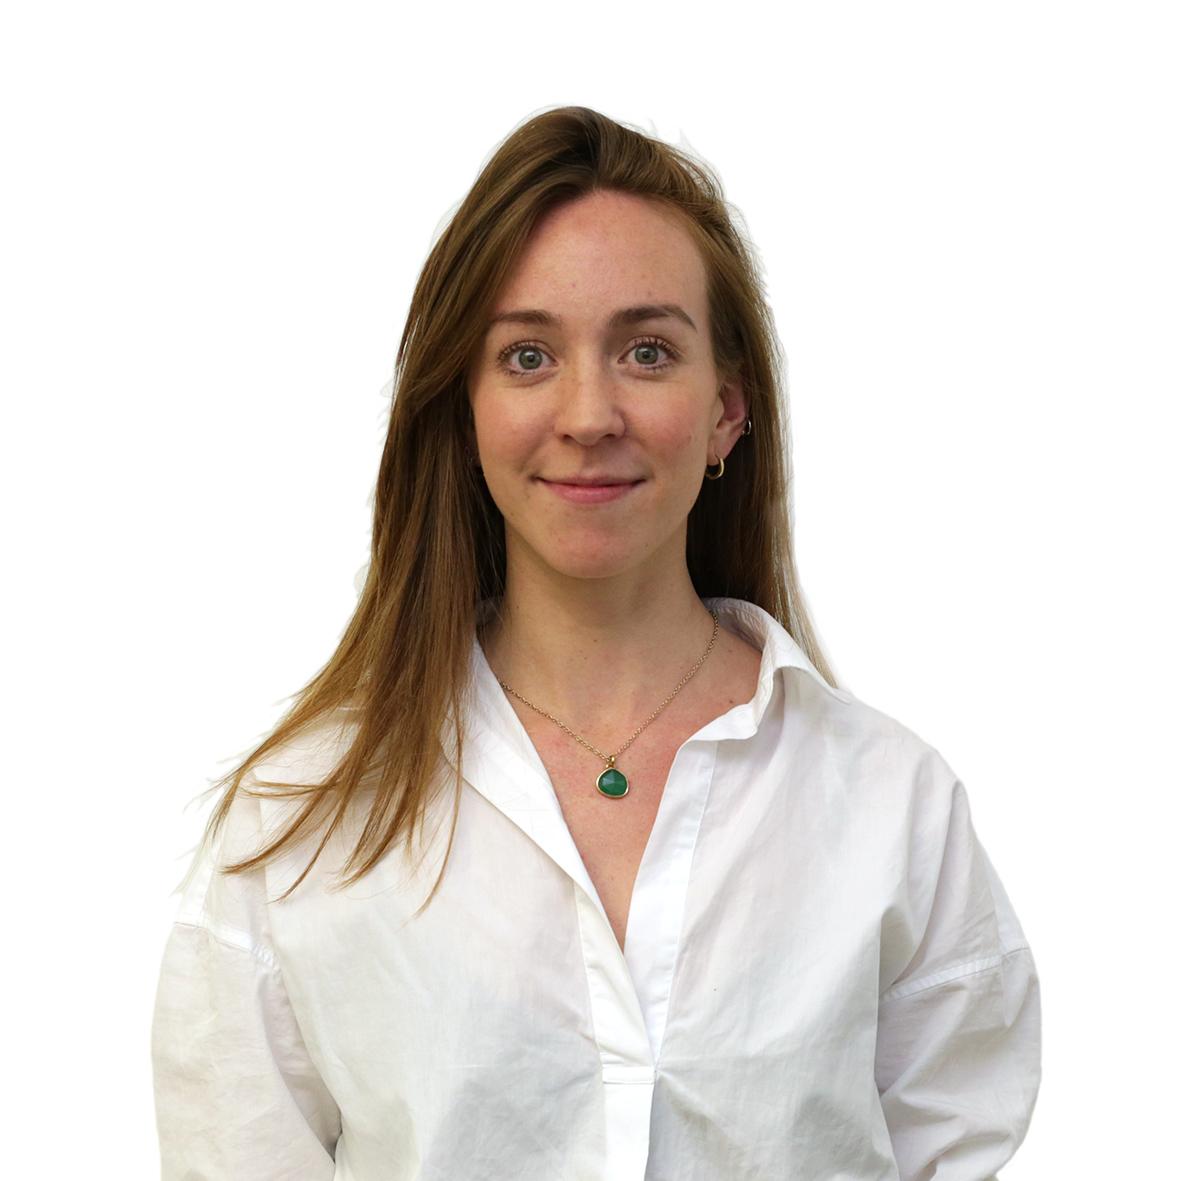 Emma Westman